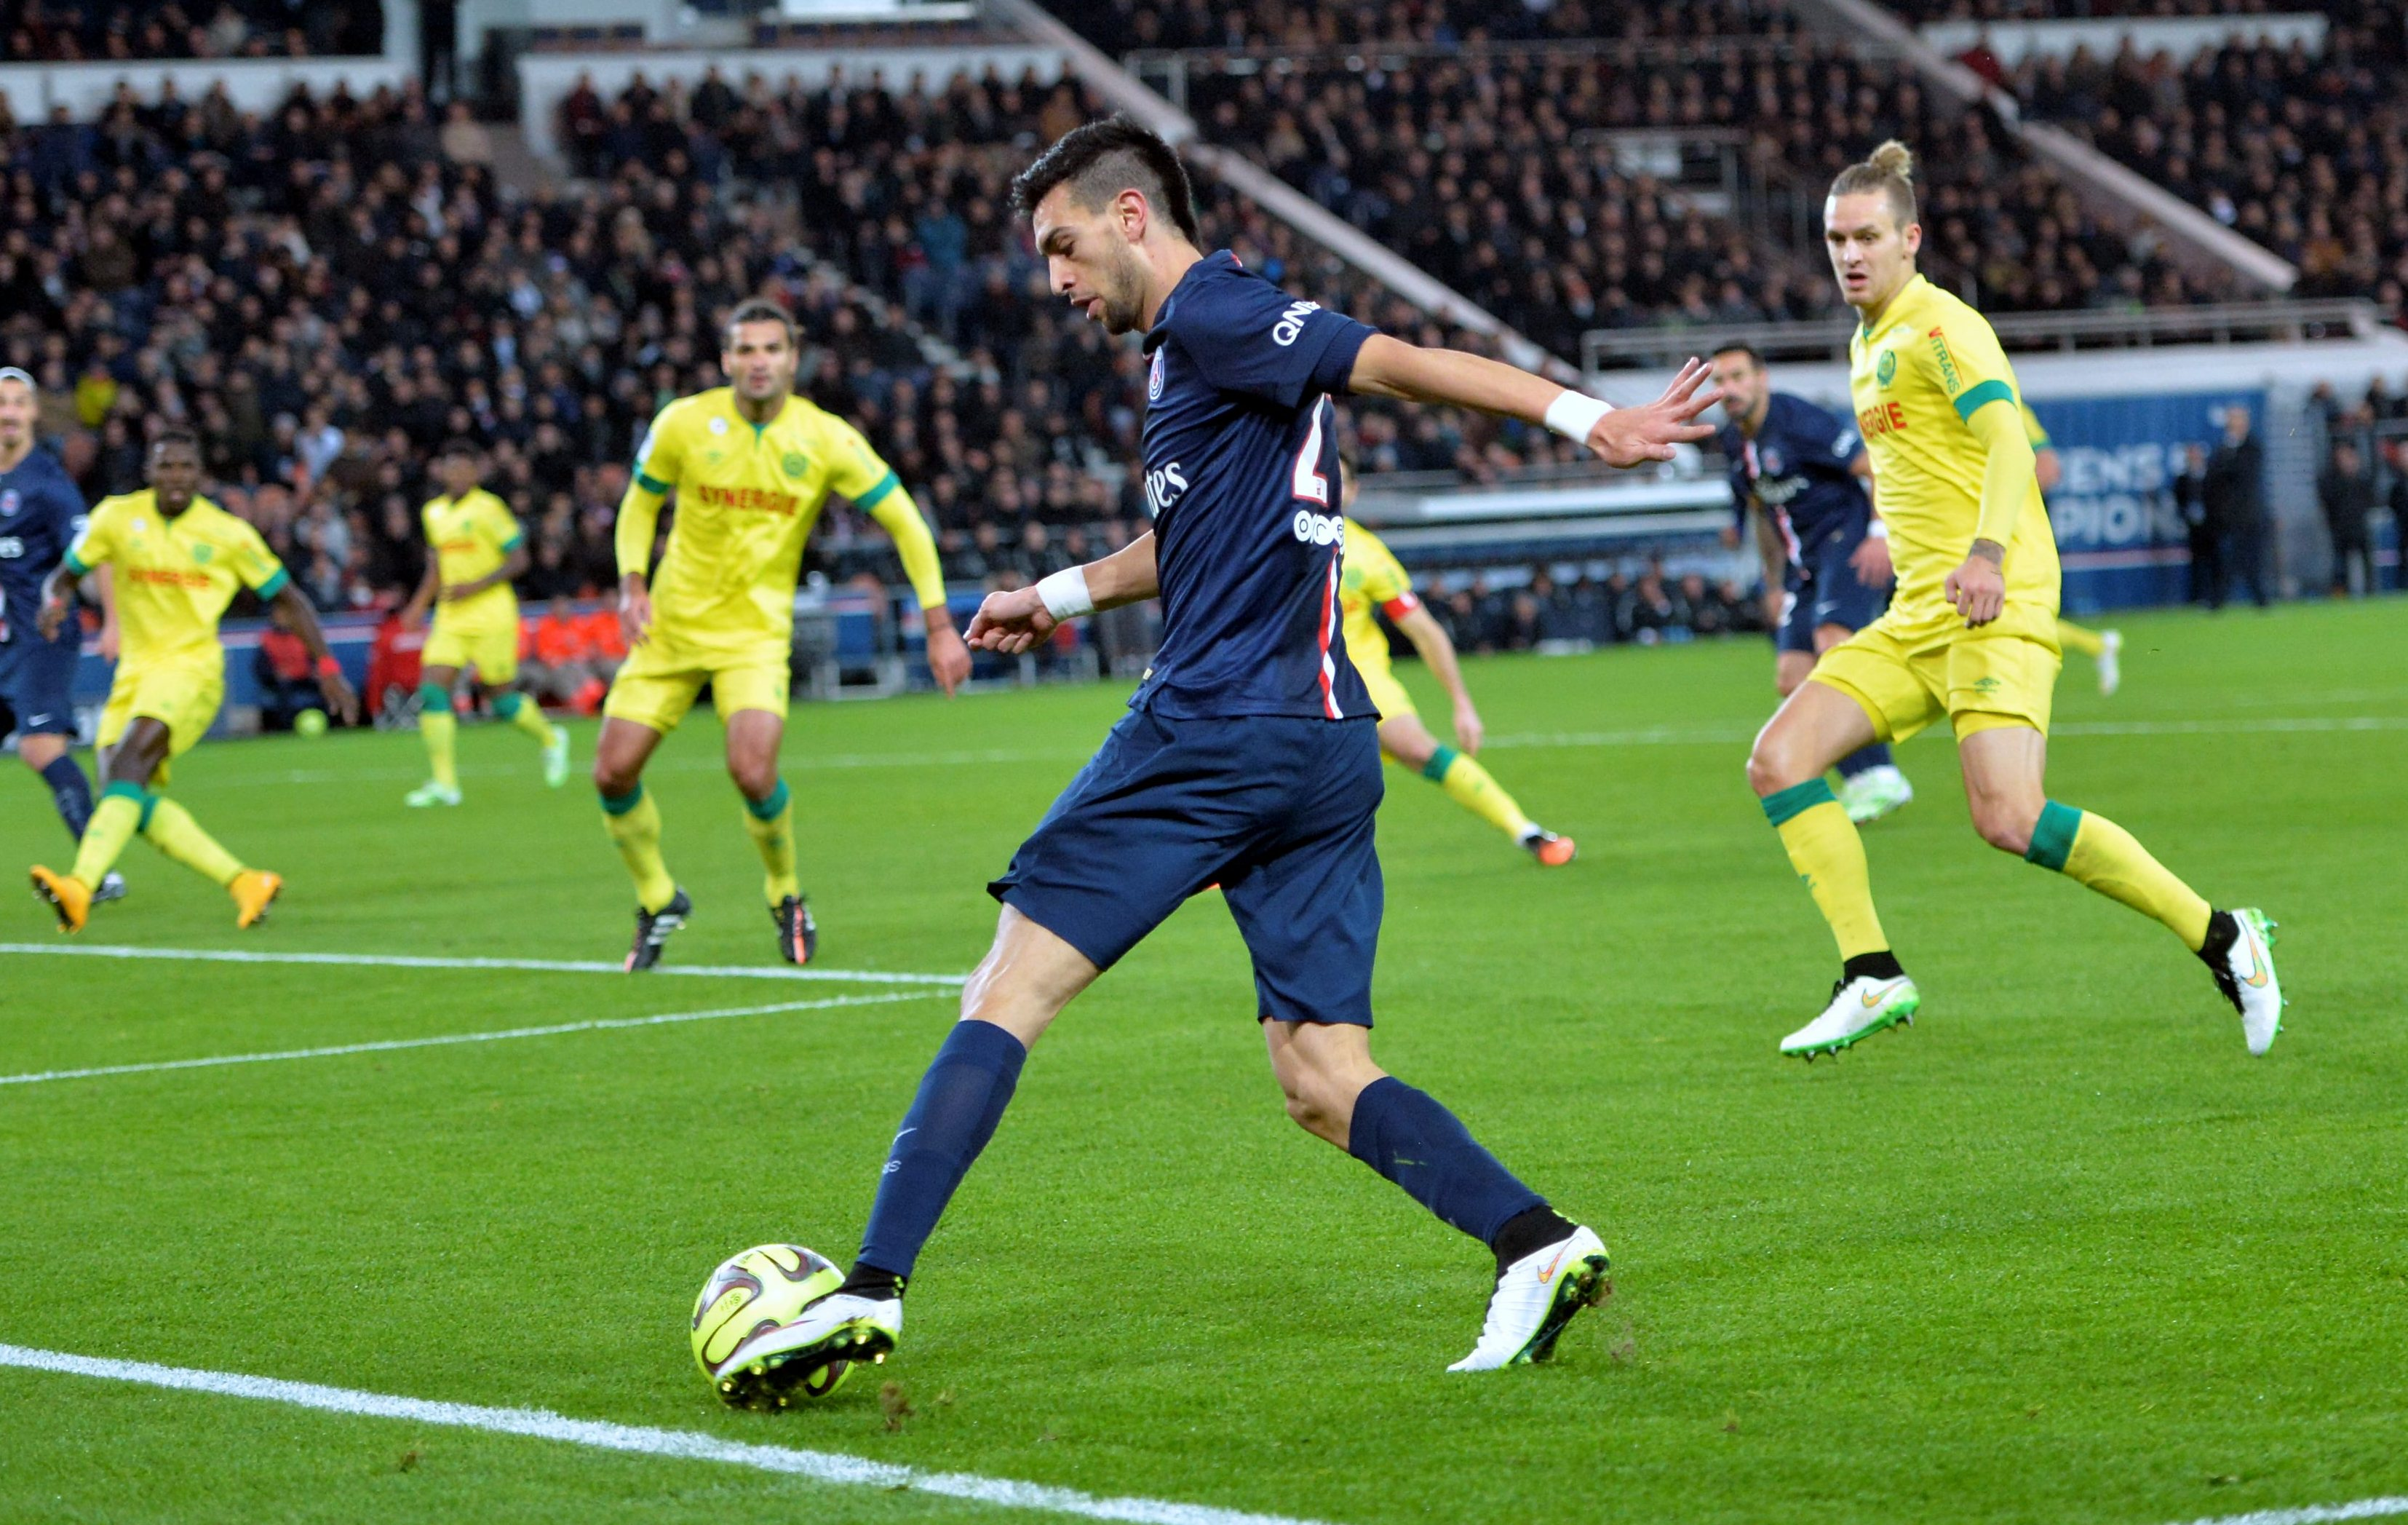 Psg nantes l 39 affiche des 8e de finale coupe de france football - Football coupe de france ...